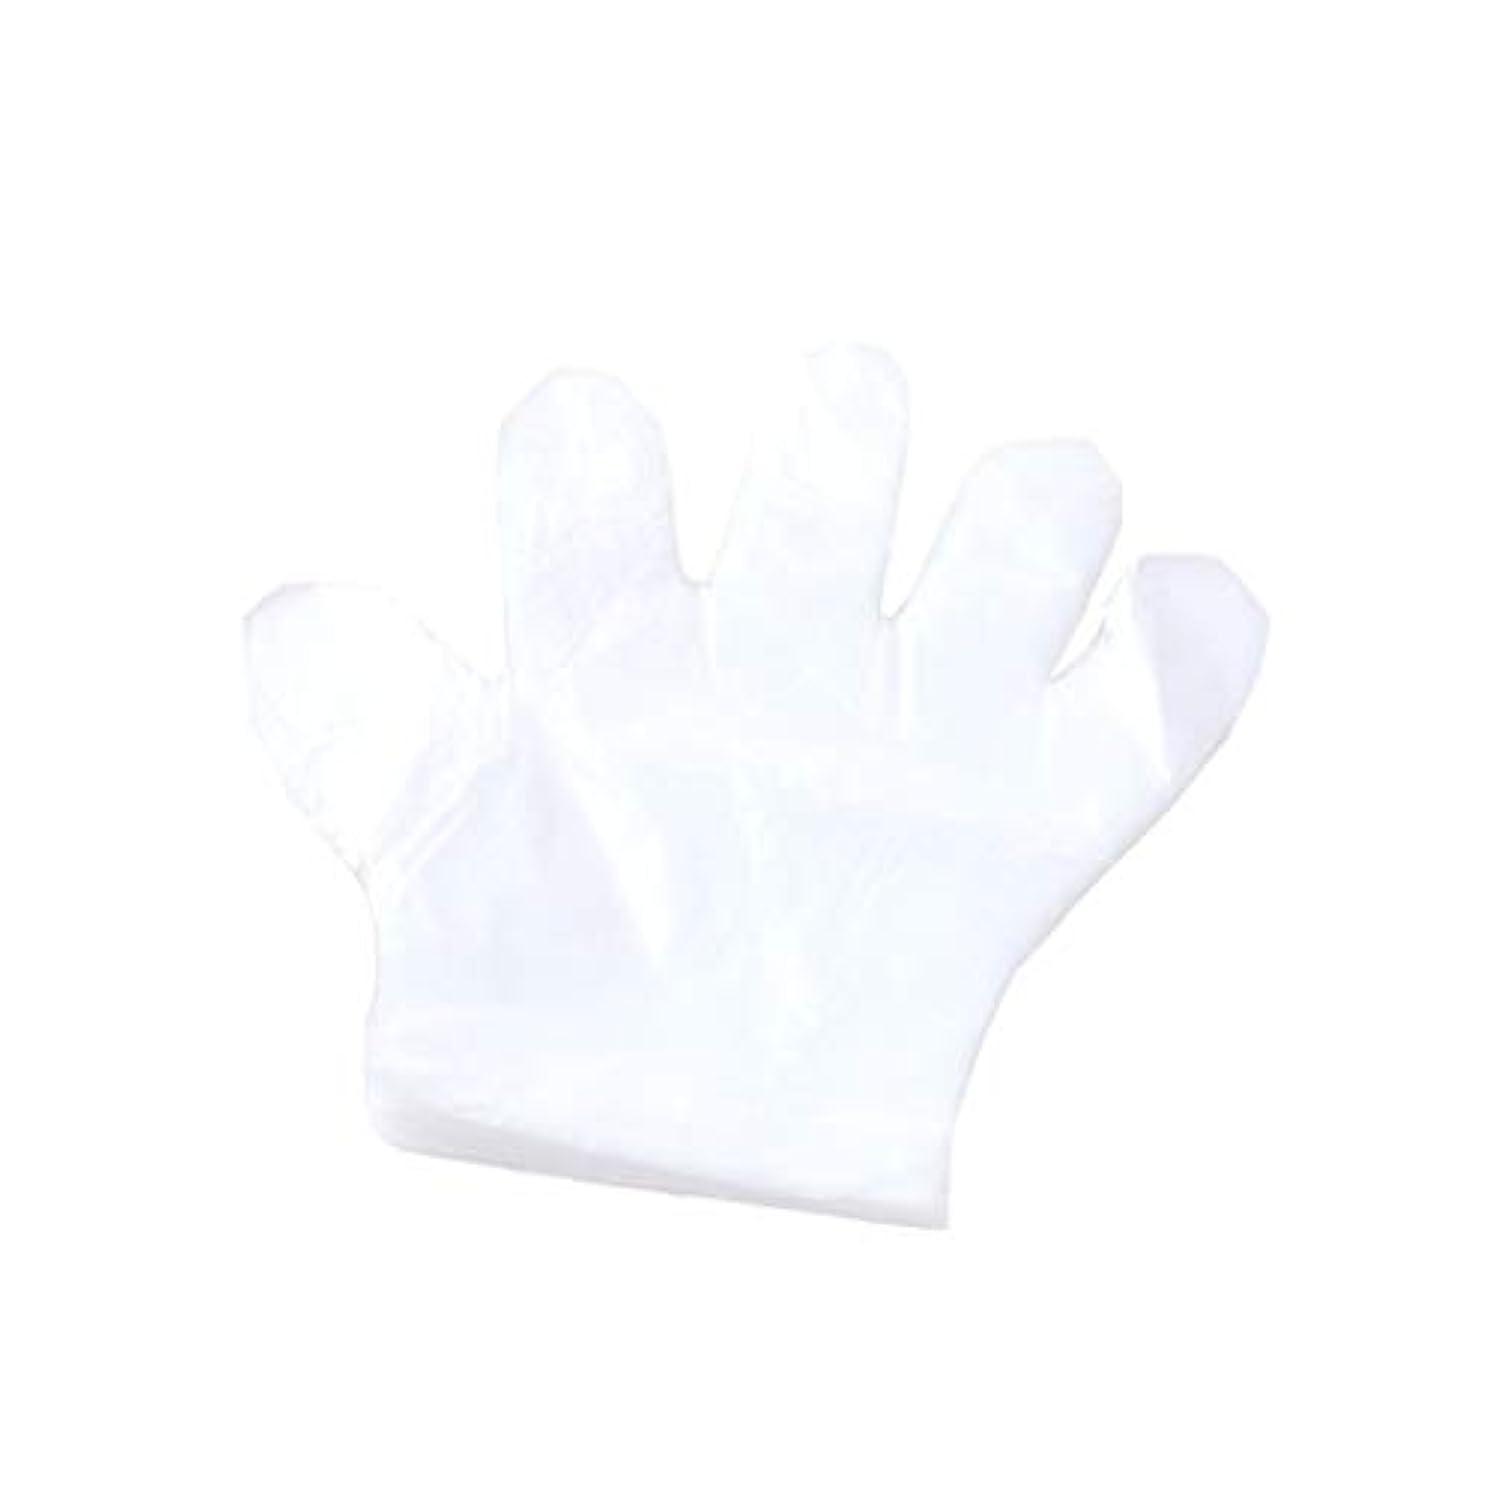 治安判事節約メイド手袋、使い捨て手袋、プラスチック透明な使い捨て手袋、衛生的な食品、100スーツ。 (UnitCount : 2000only)